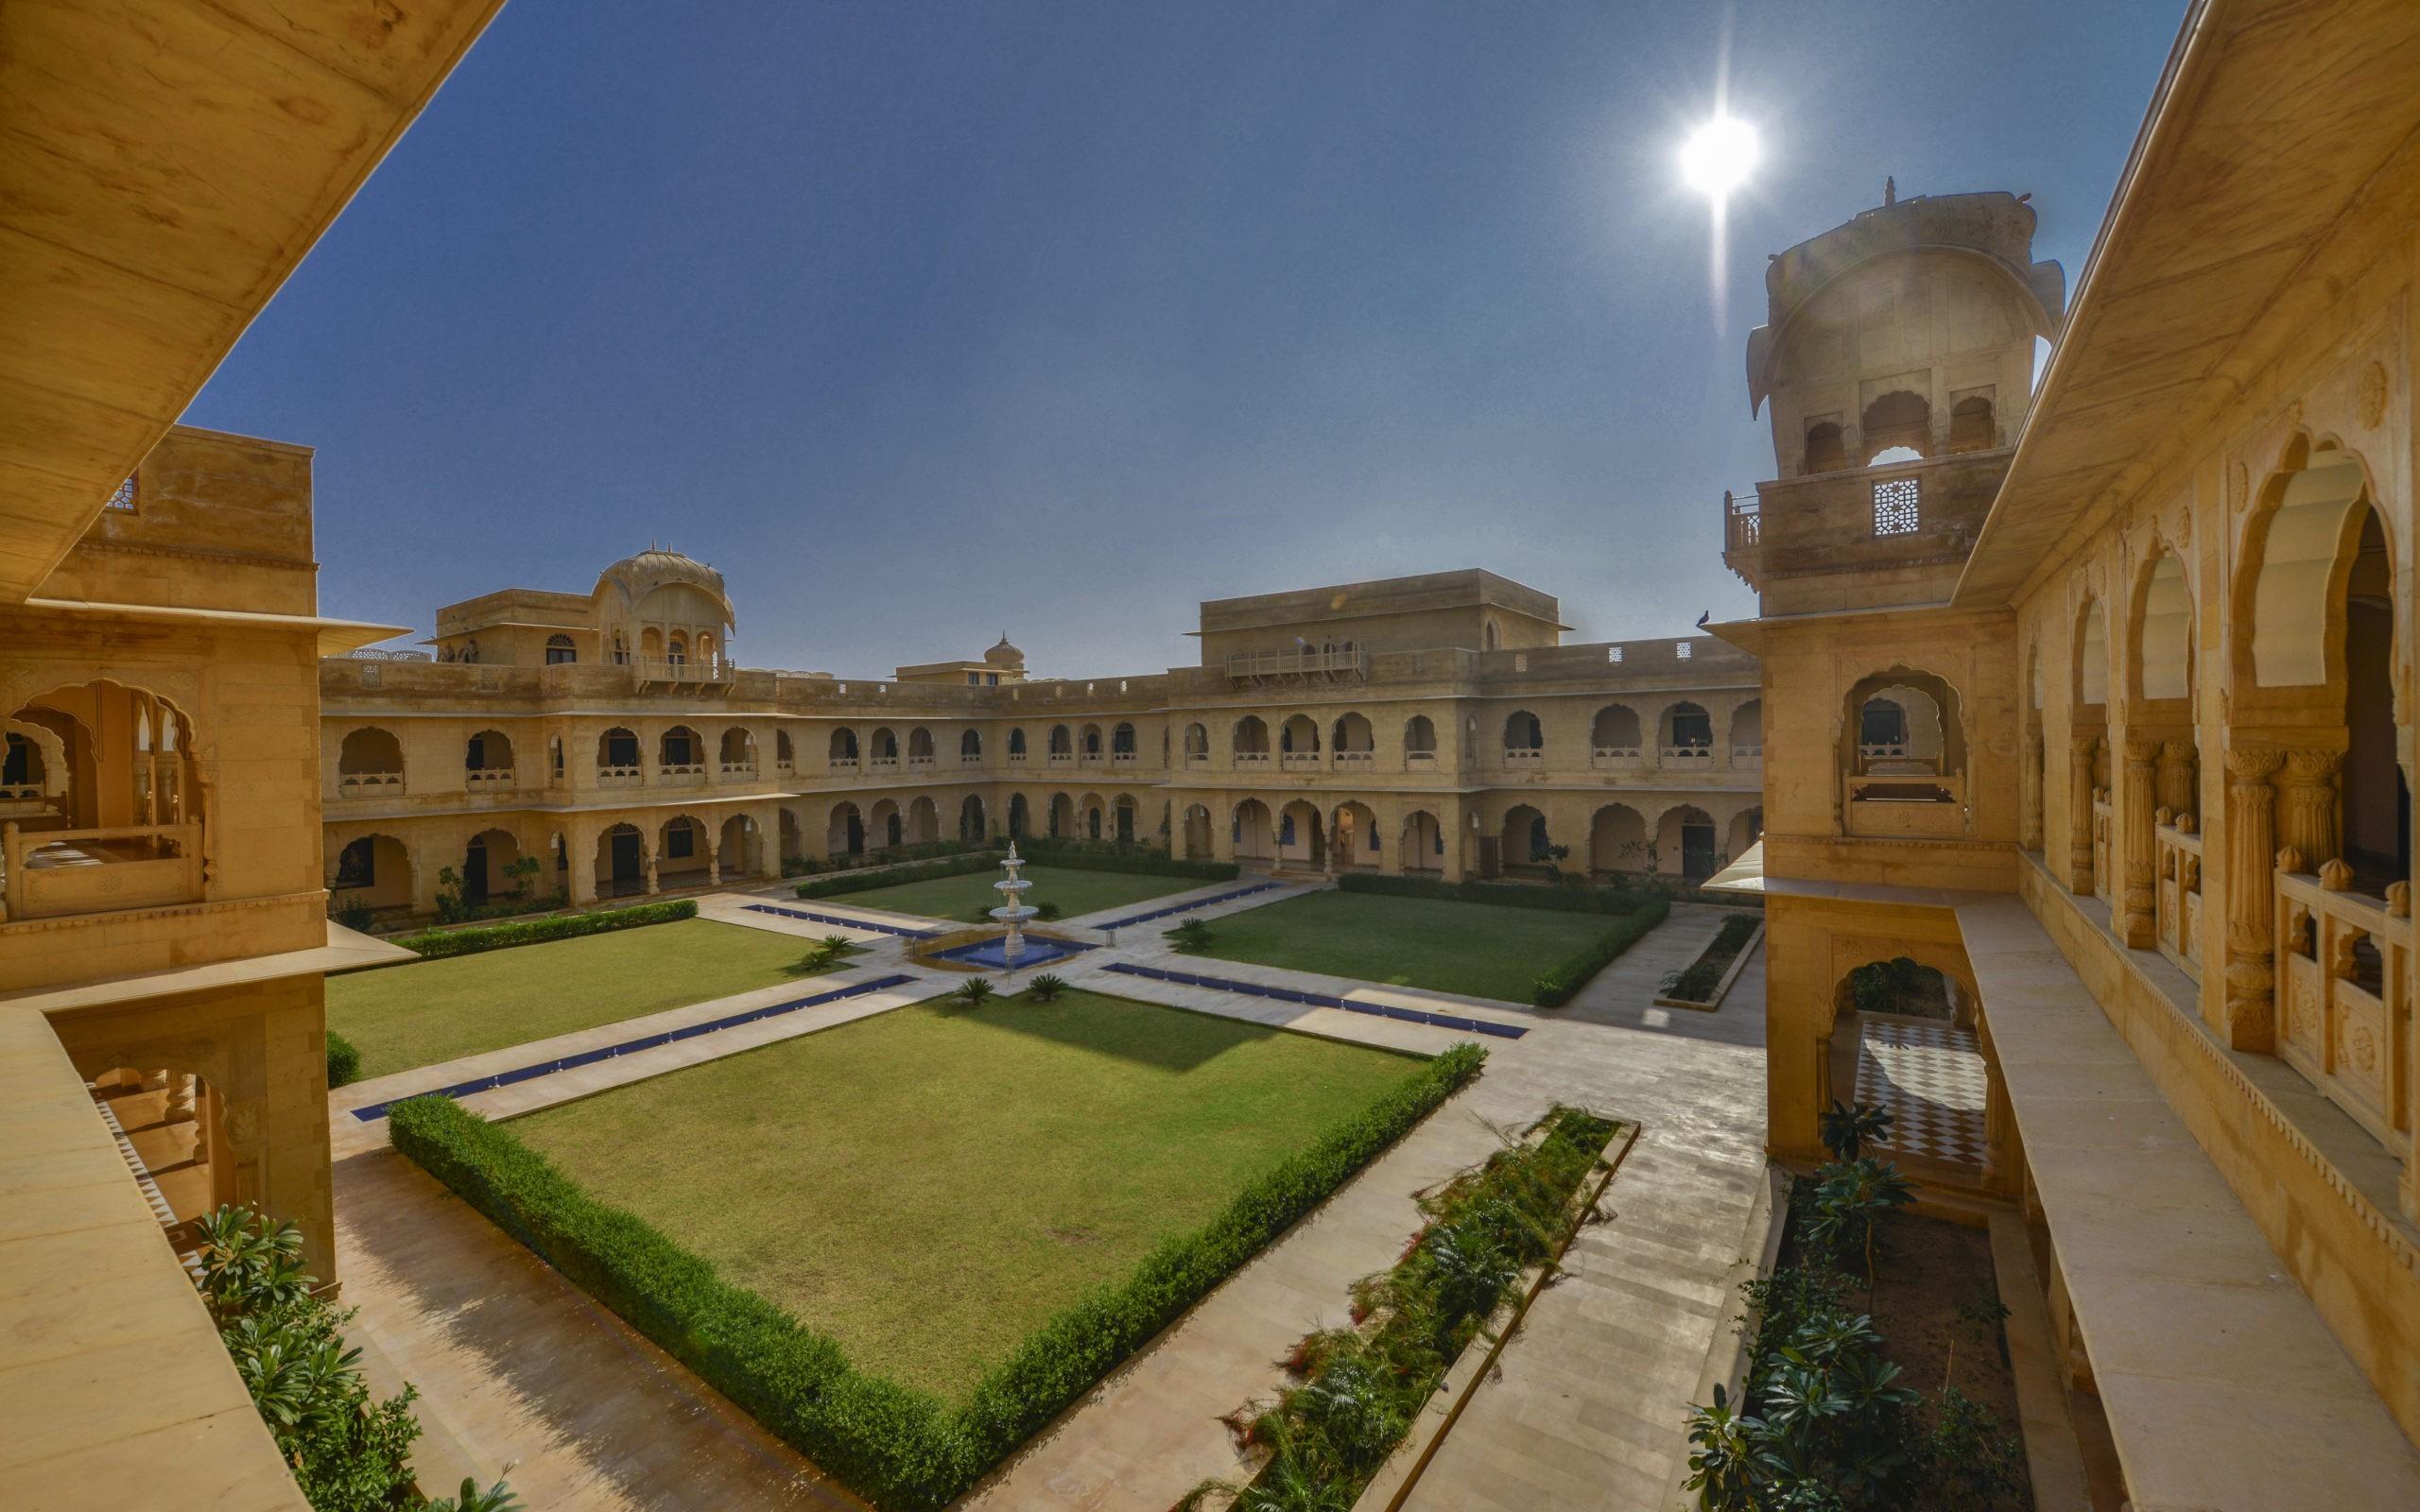 Jaisalkot